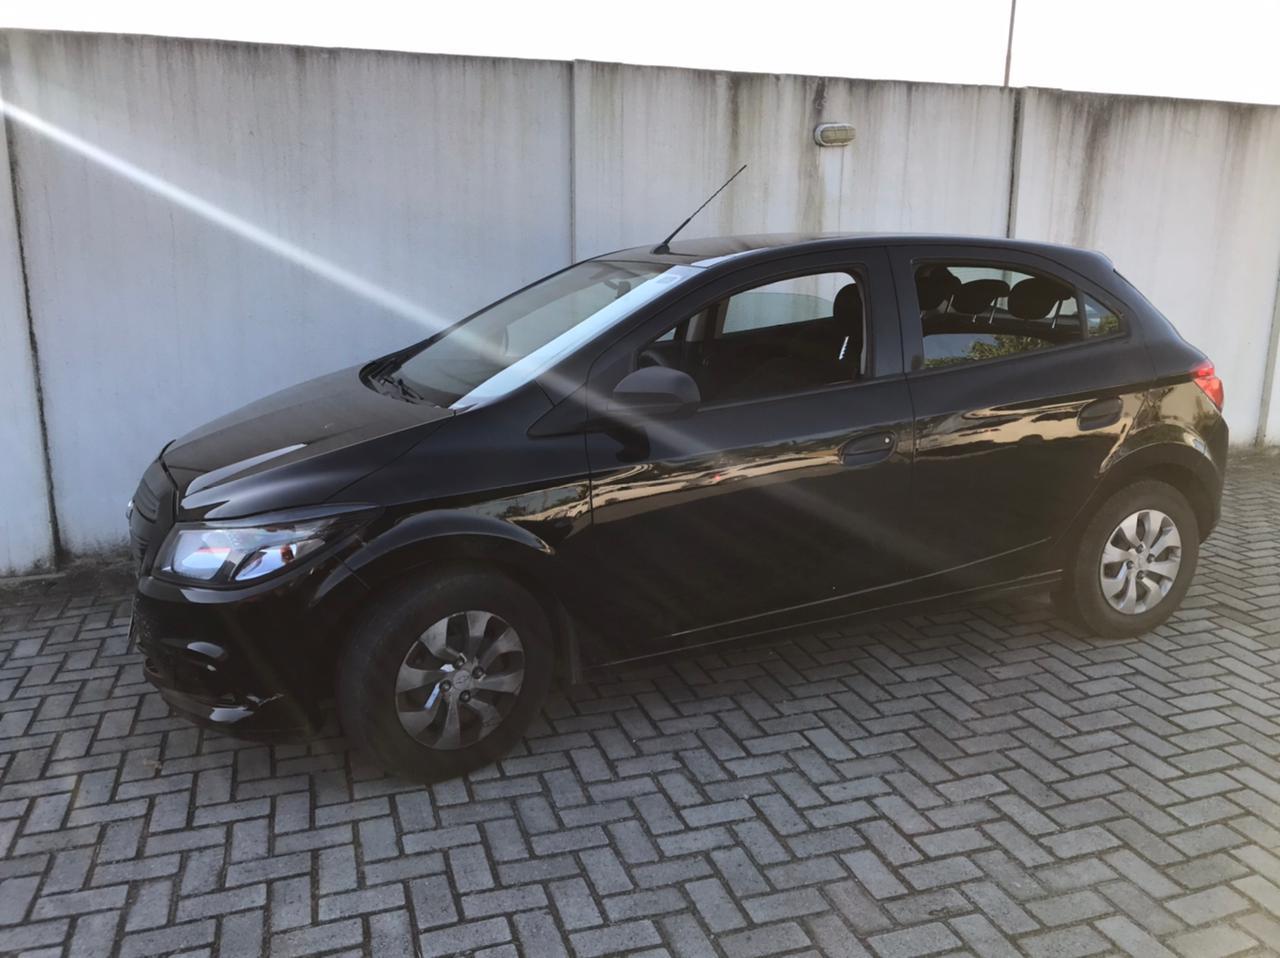 Carro roubado em Curitiba é recuperado na cidade de Paranaguá; na abordagem entorpecentes foram apreendidos